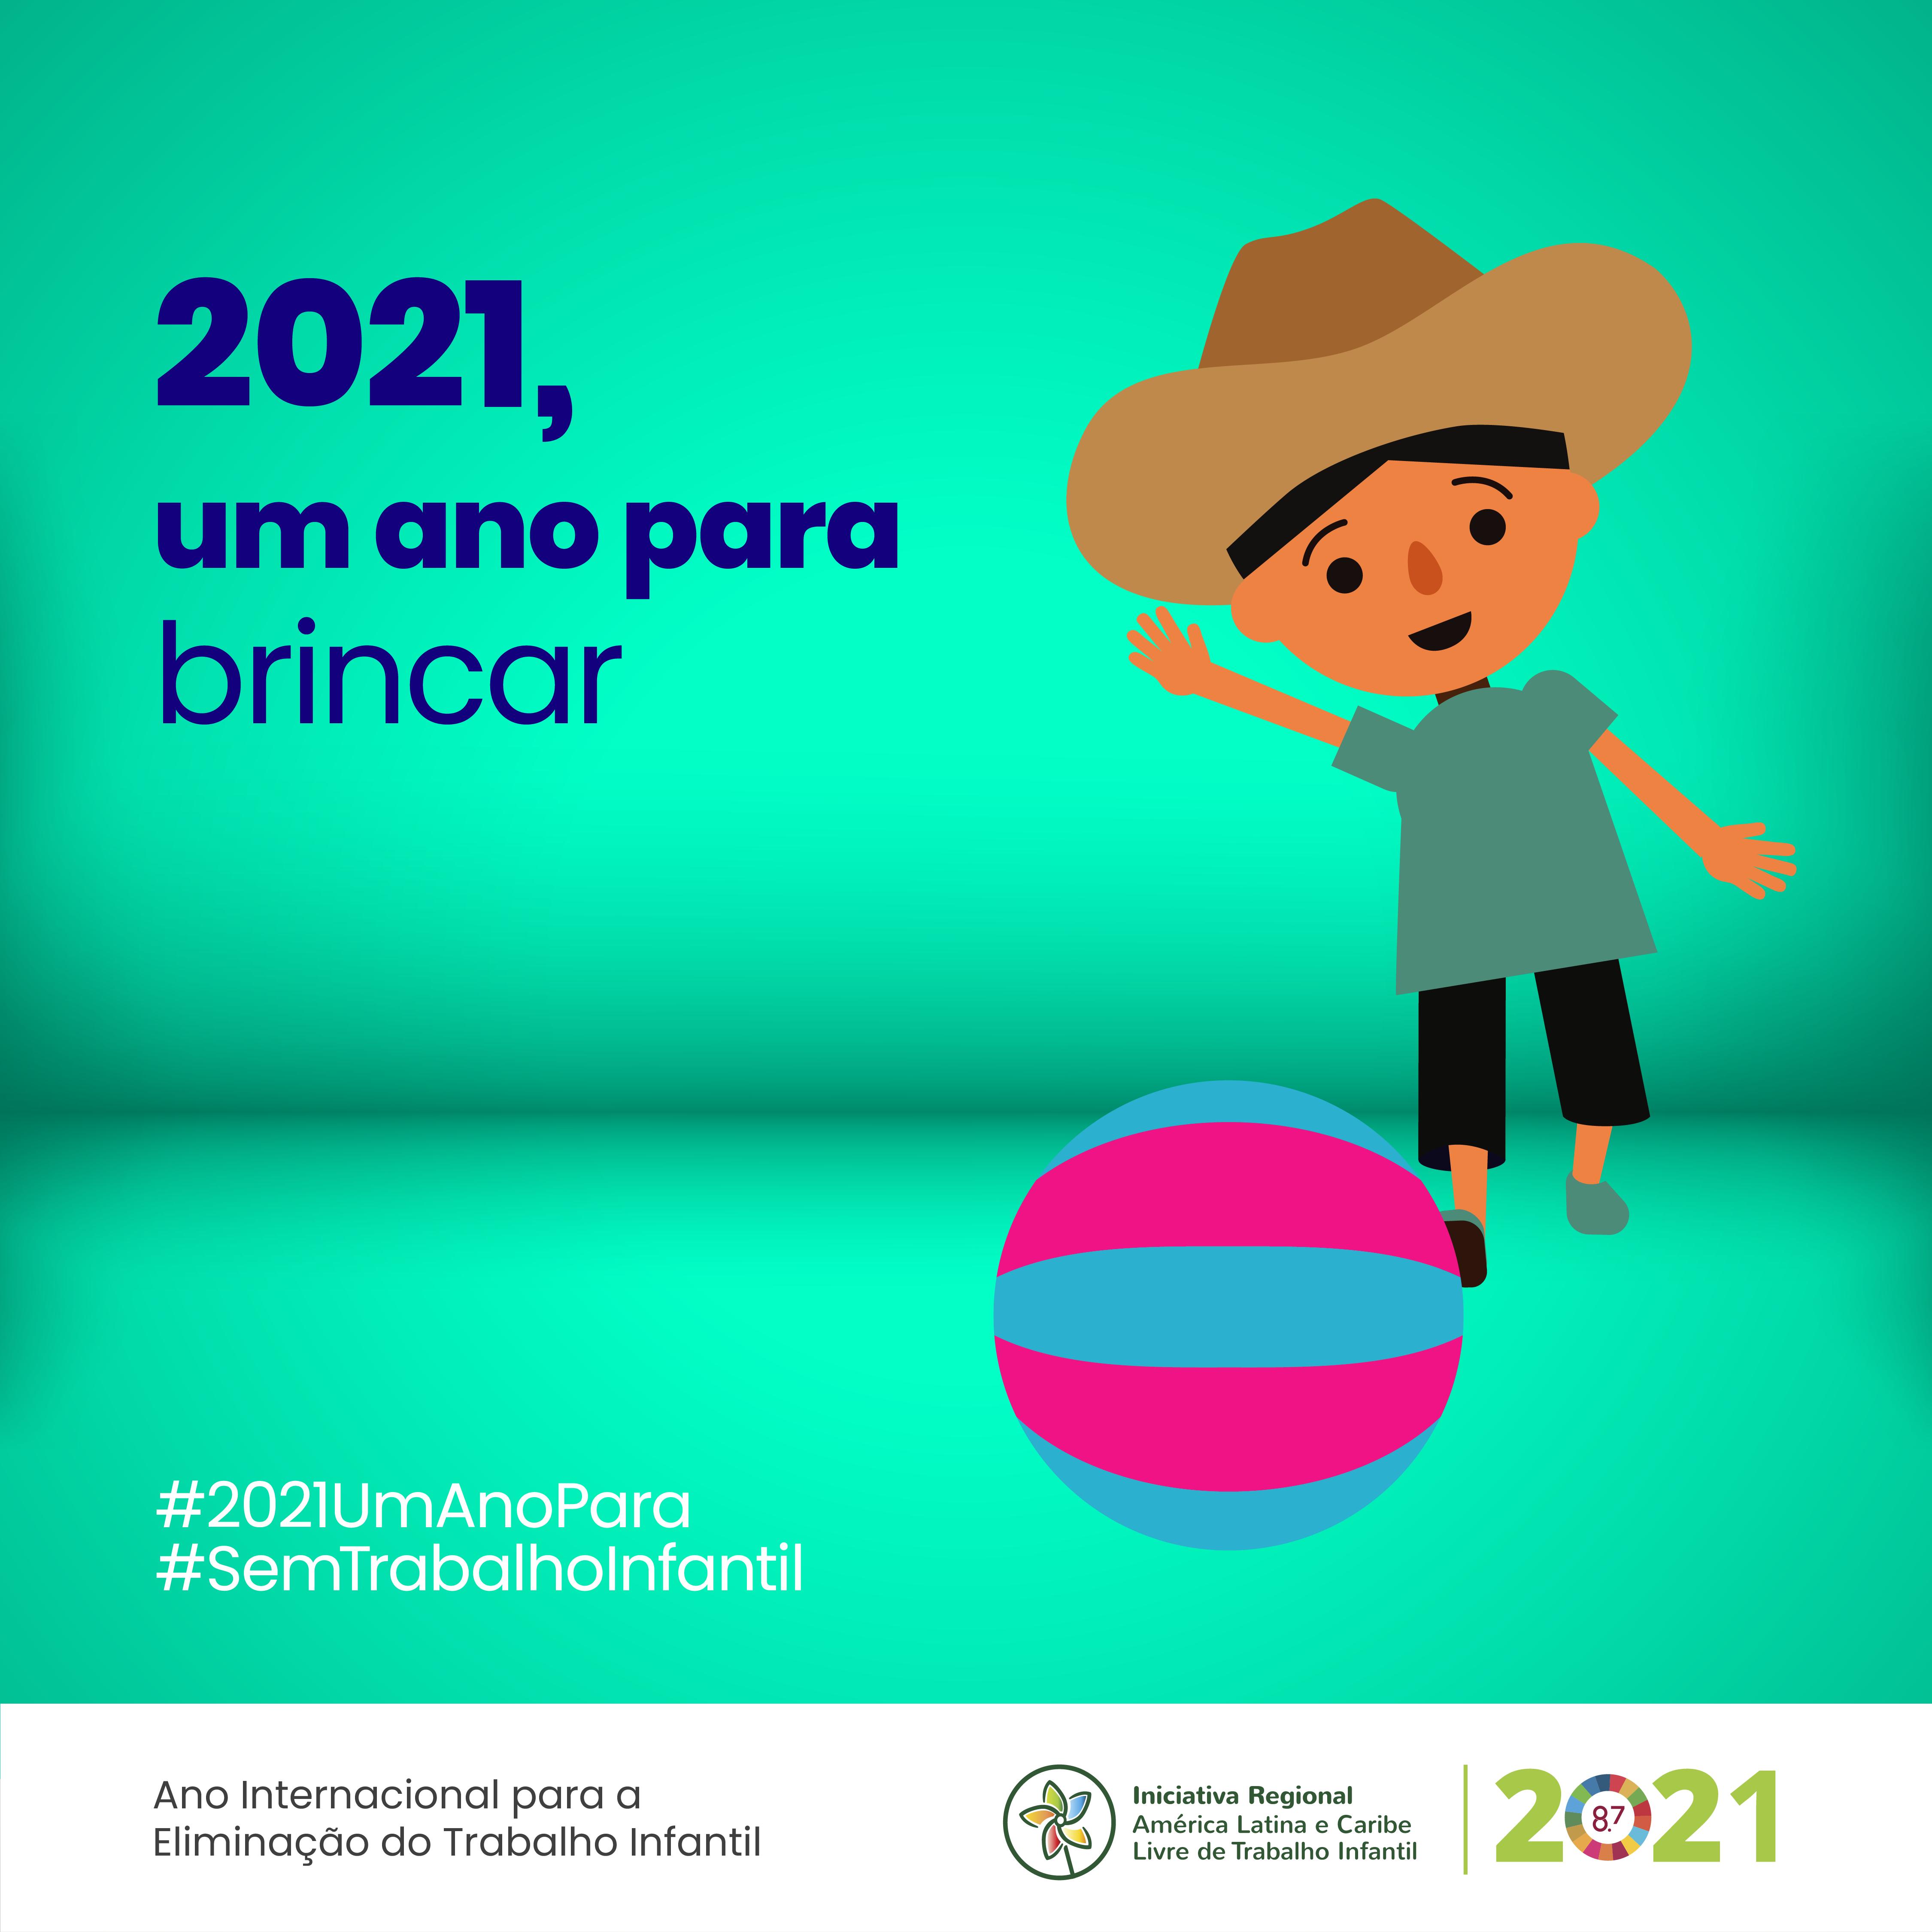 #2021UmAnoPara